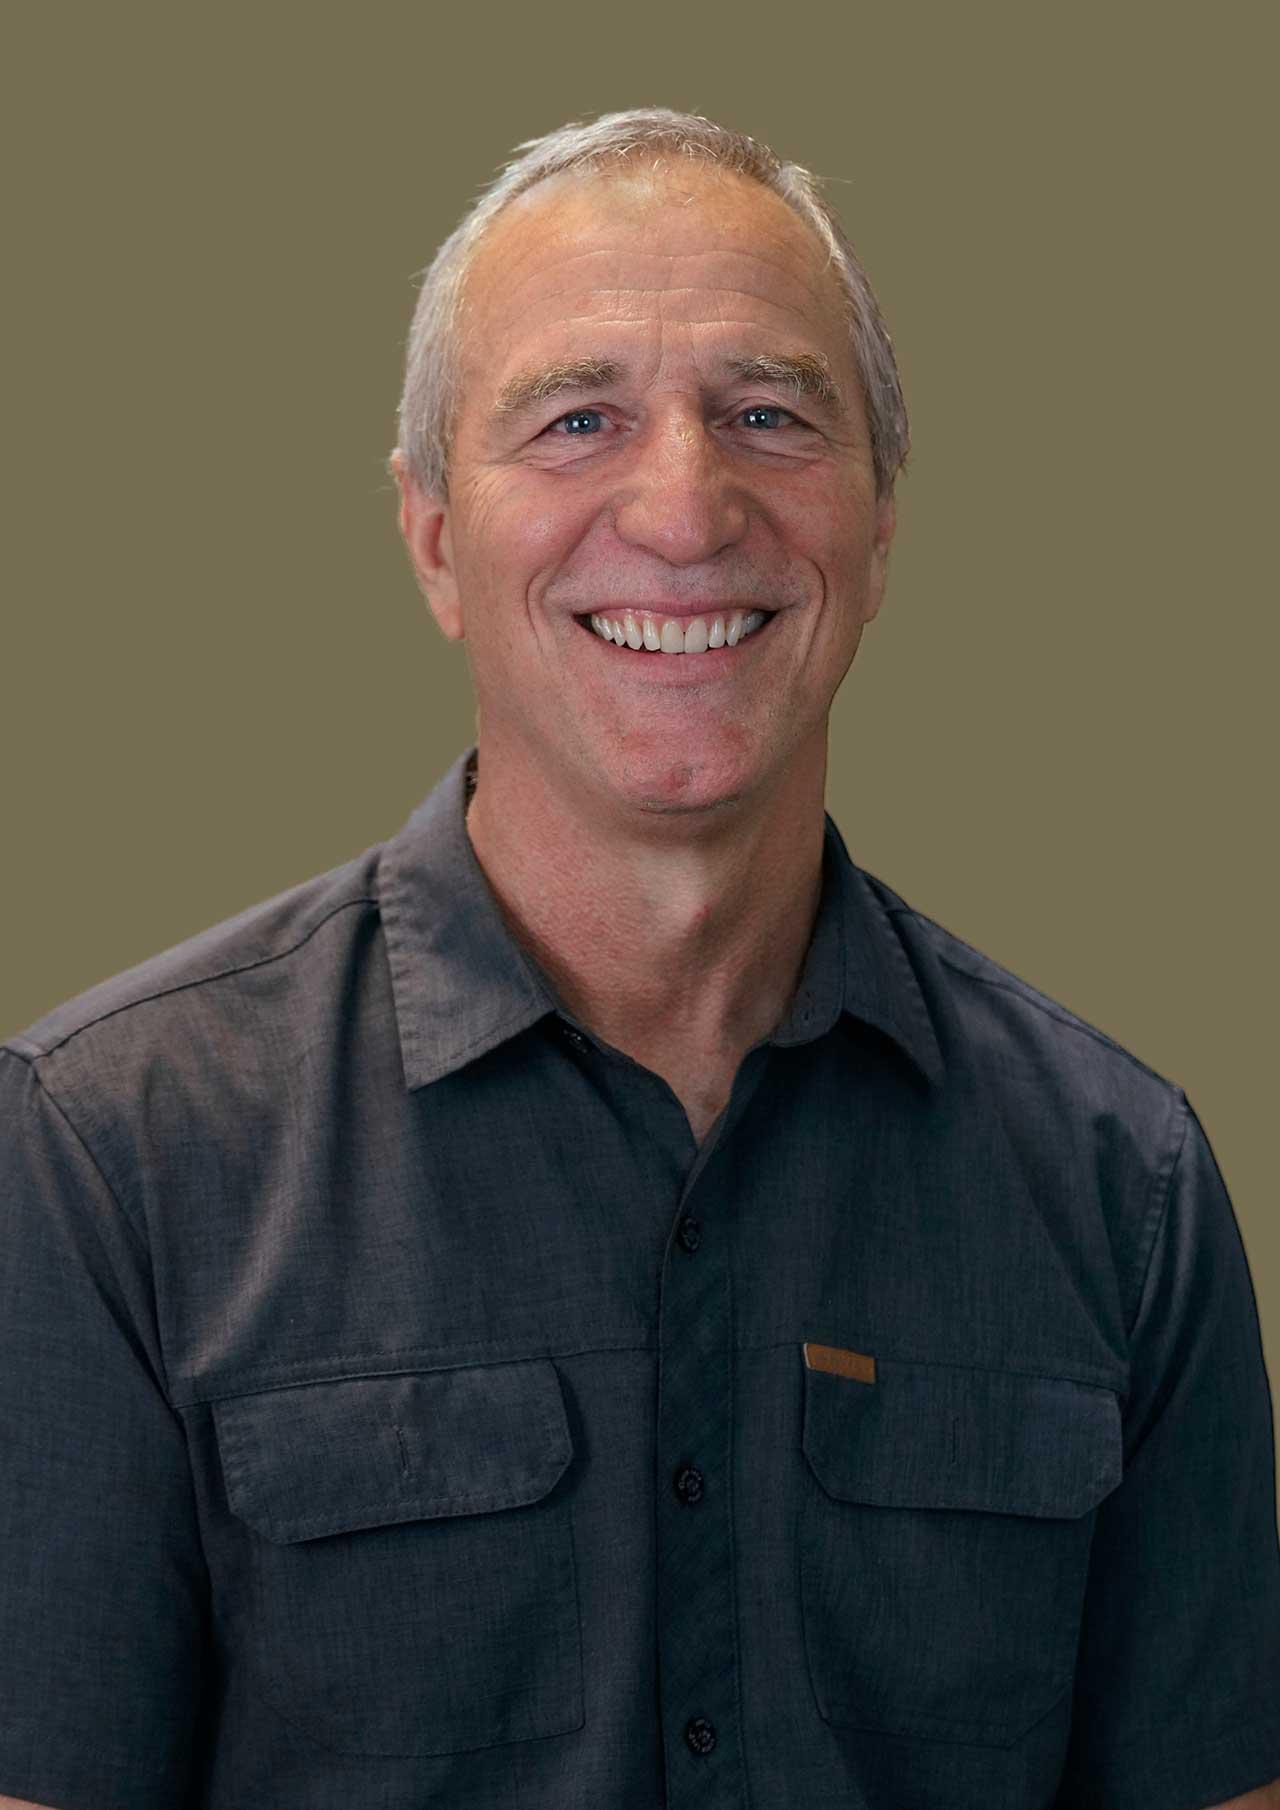 Rev. Clint Regen